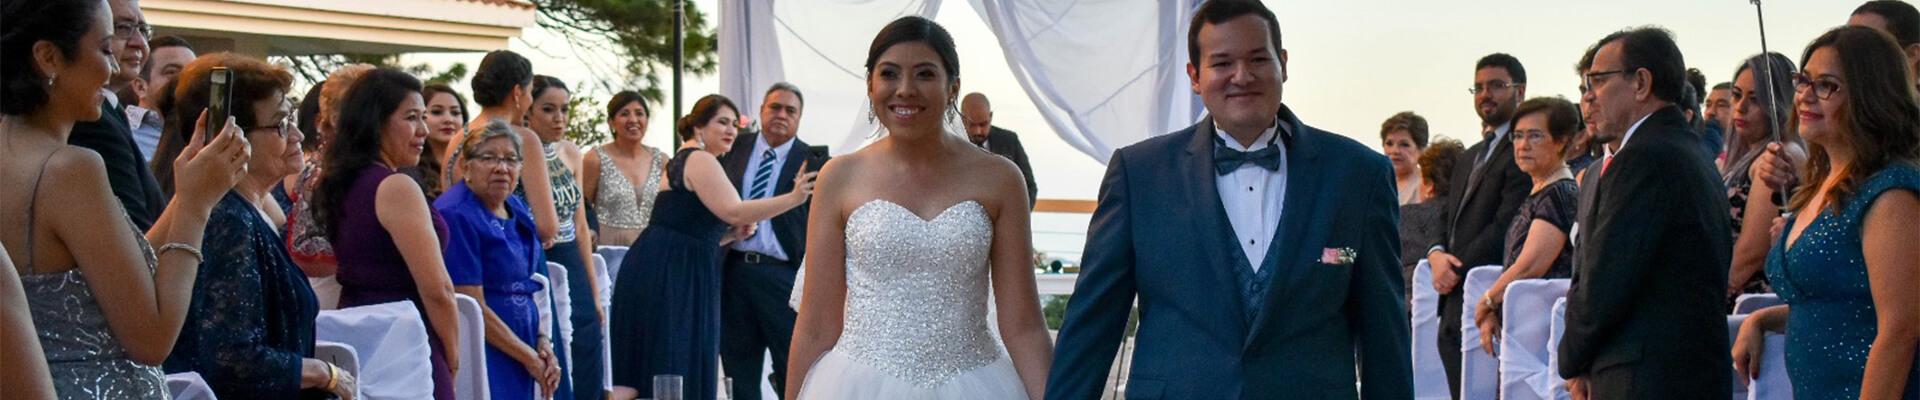 Gerardo Arteaga (El Salvador) - Beedie School of Business